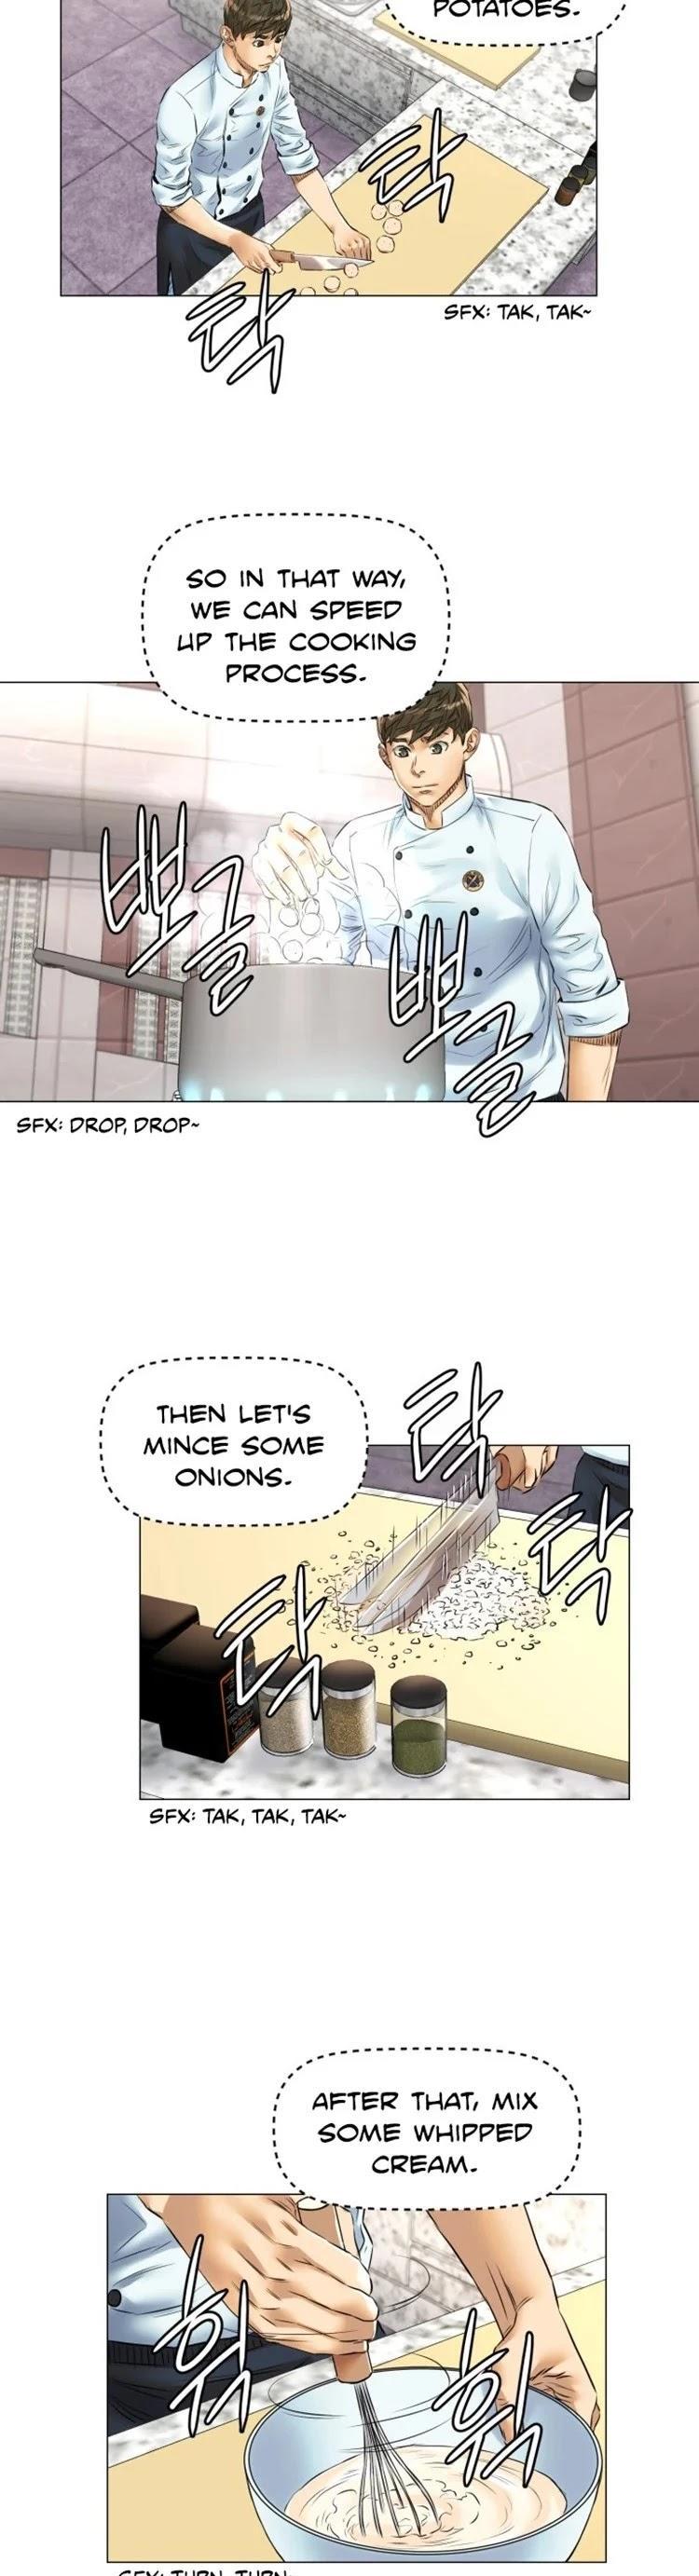 God Of Cooking Chapter 36 page 9 - Mangakakalots.com